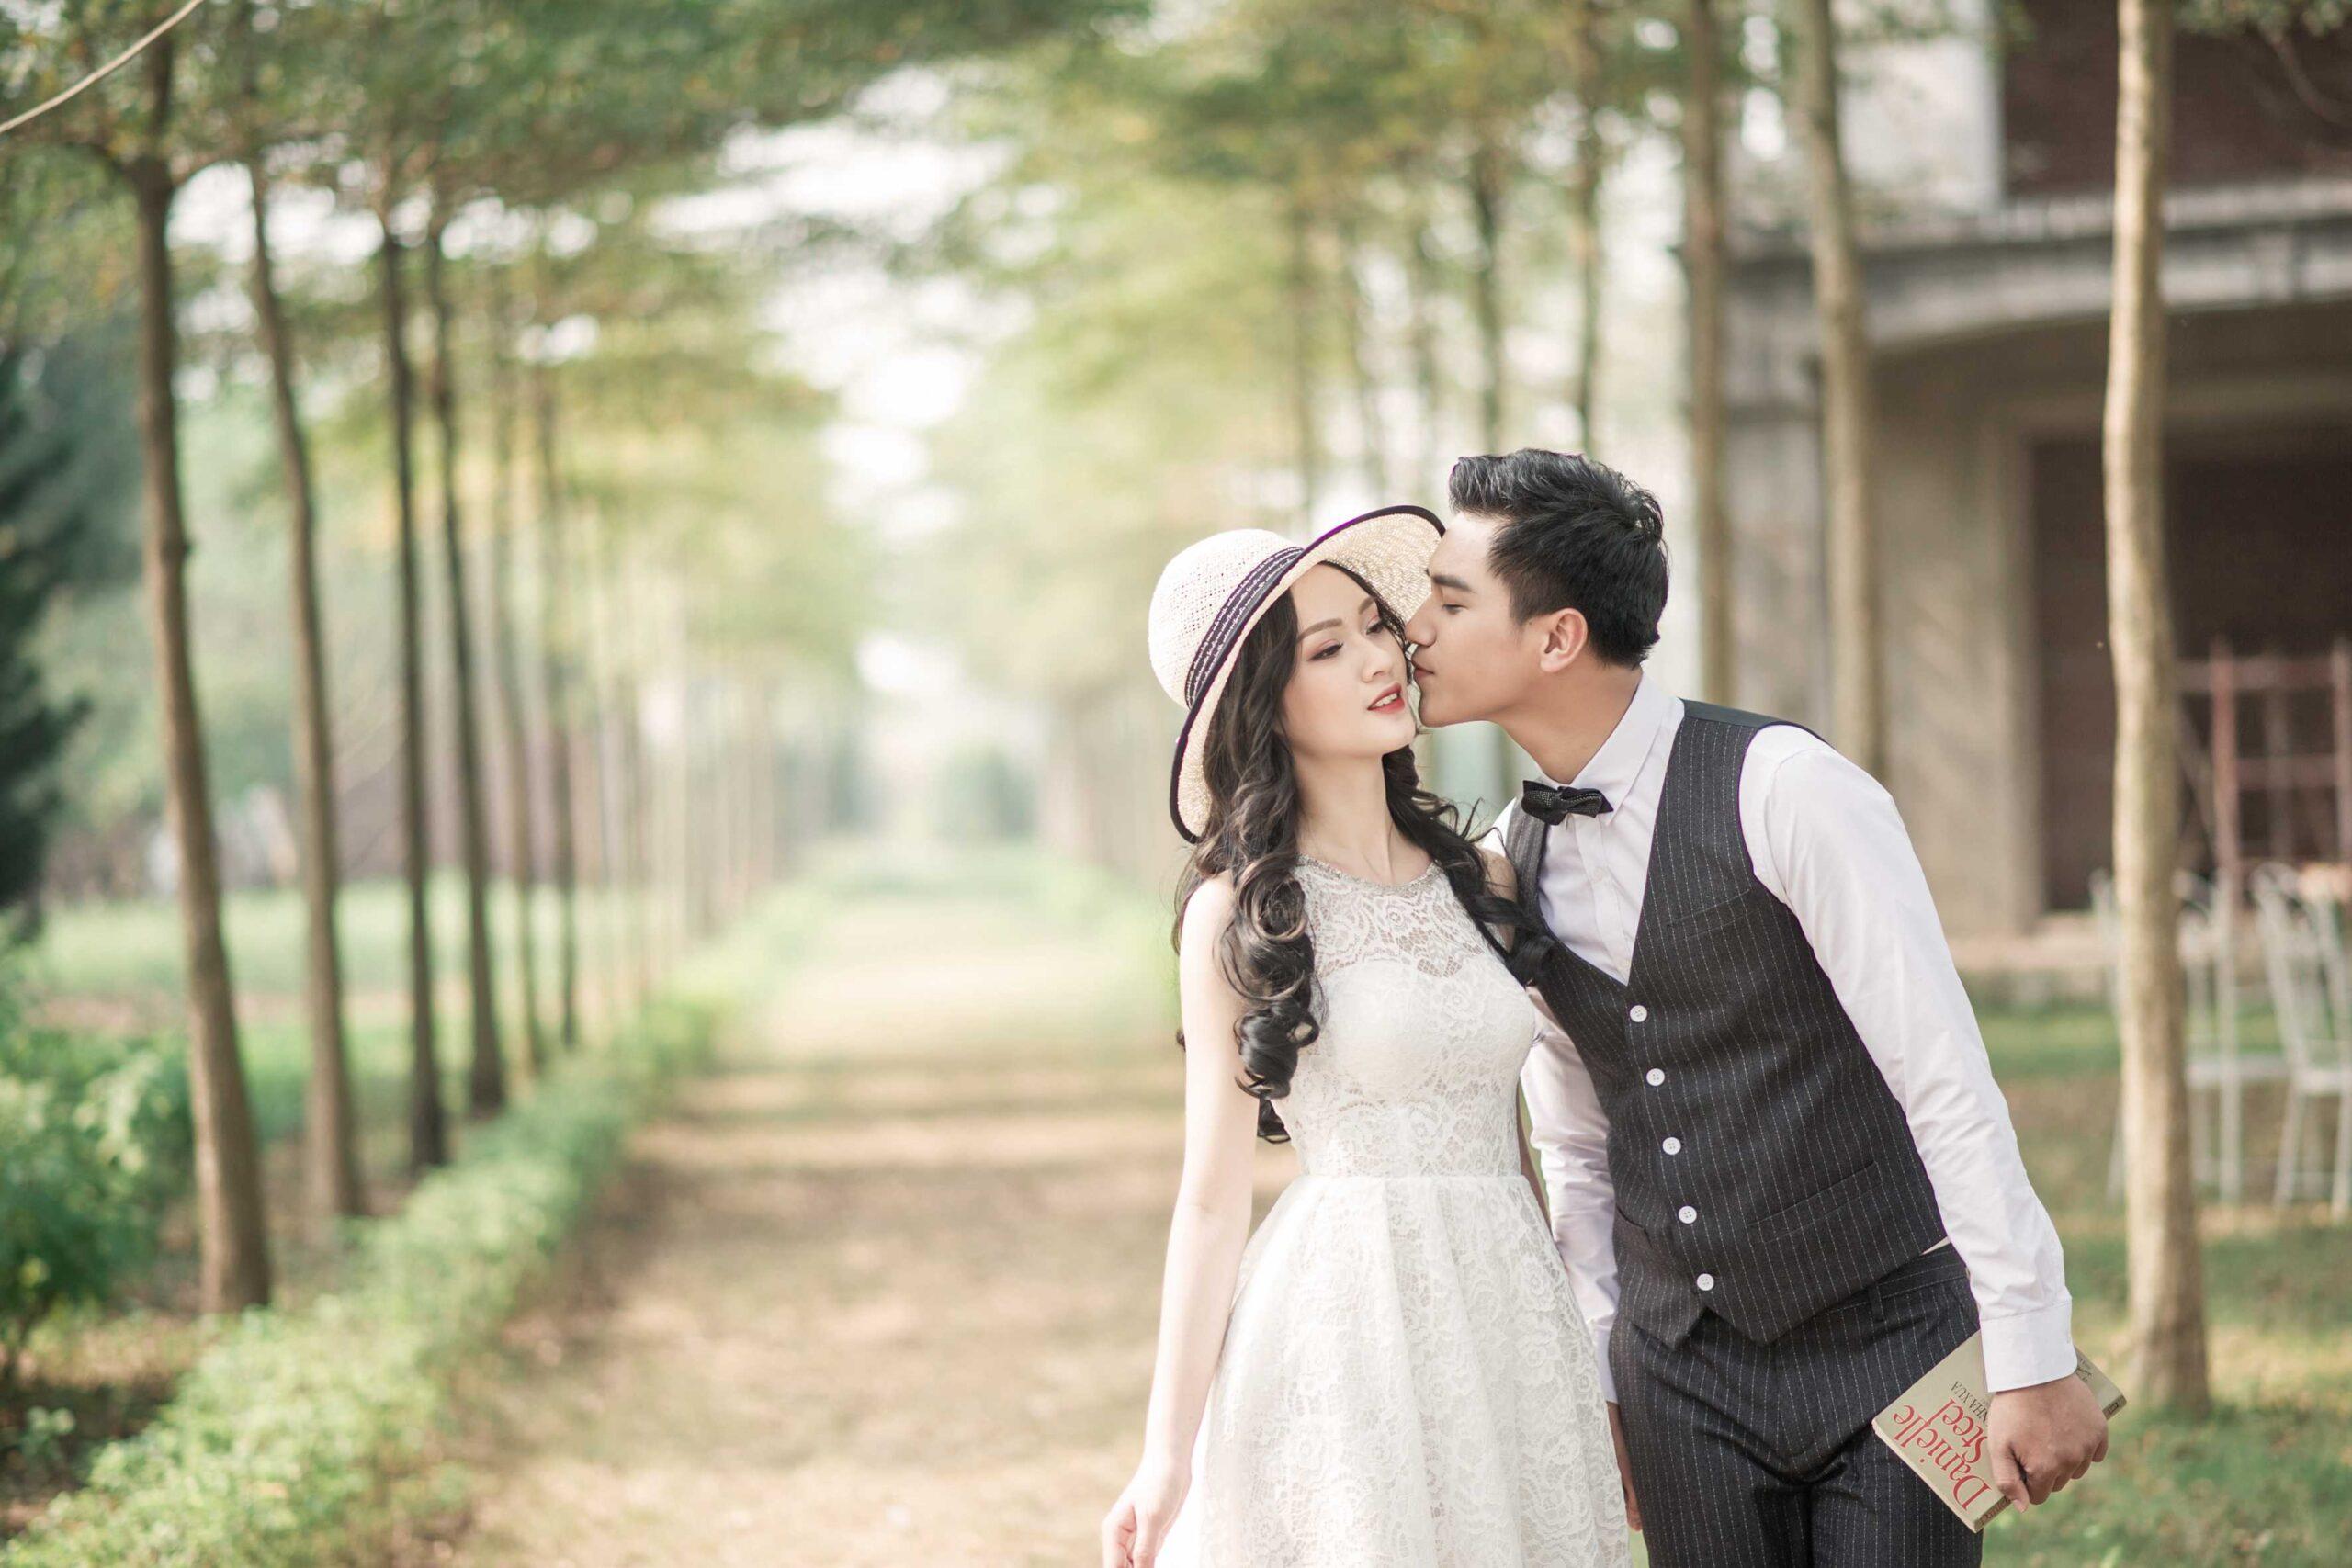 Chụp ảnh cưới tại Biệt thự Hoa Hồng Mê Linh Rose Valley